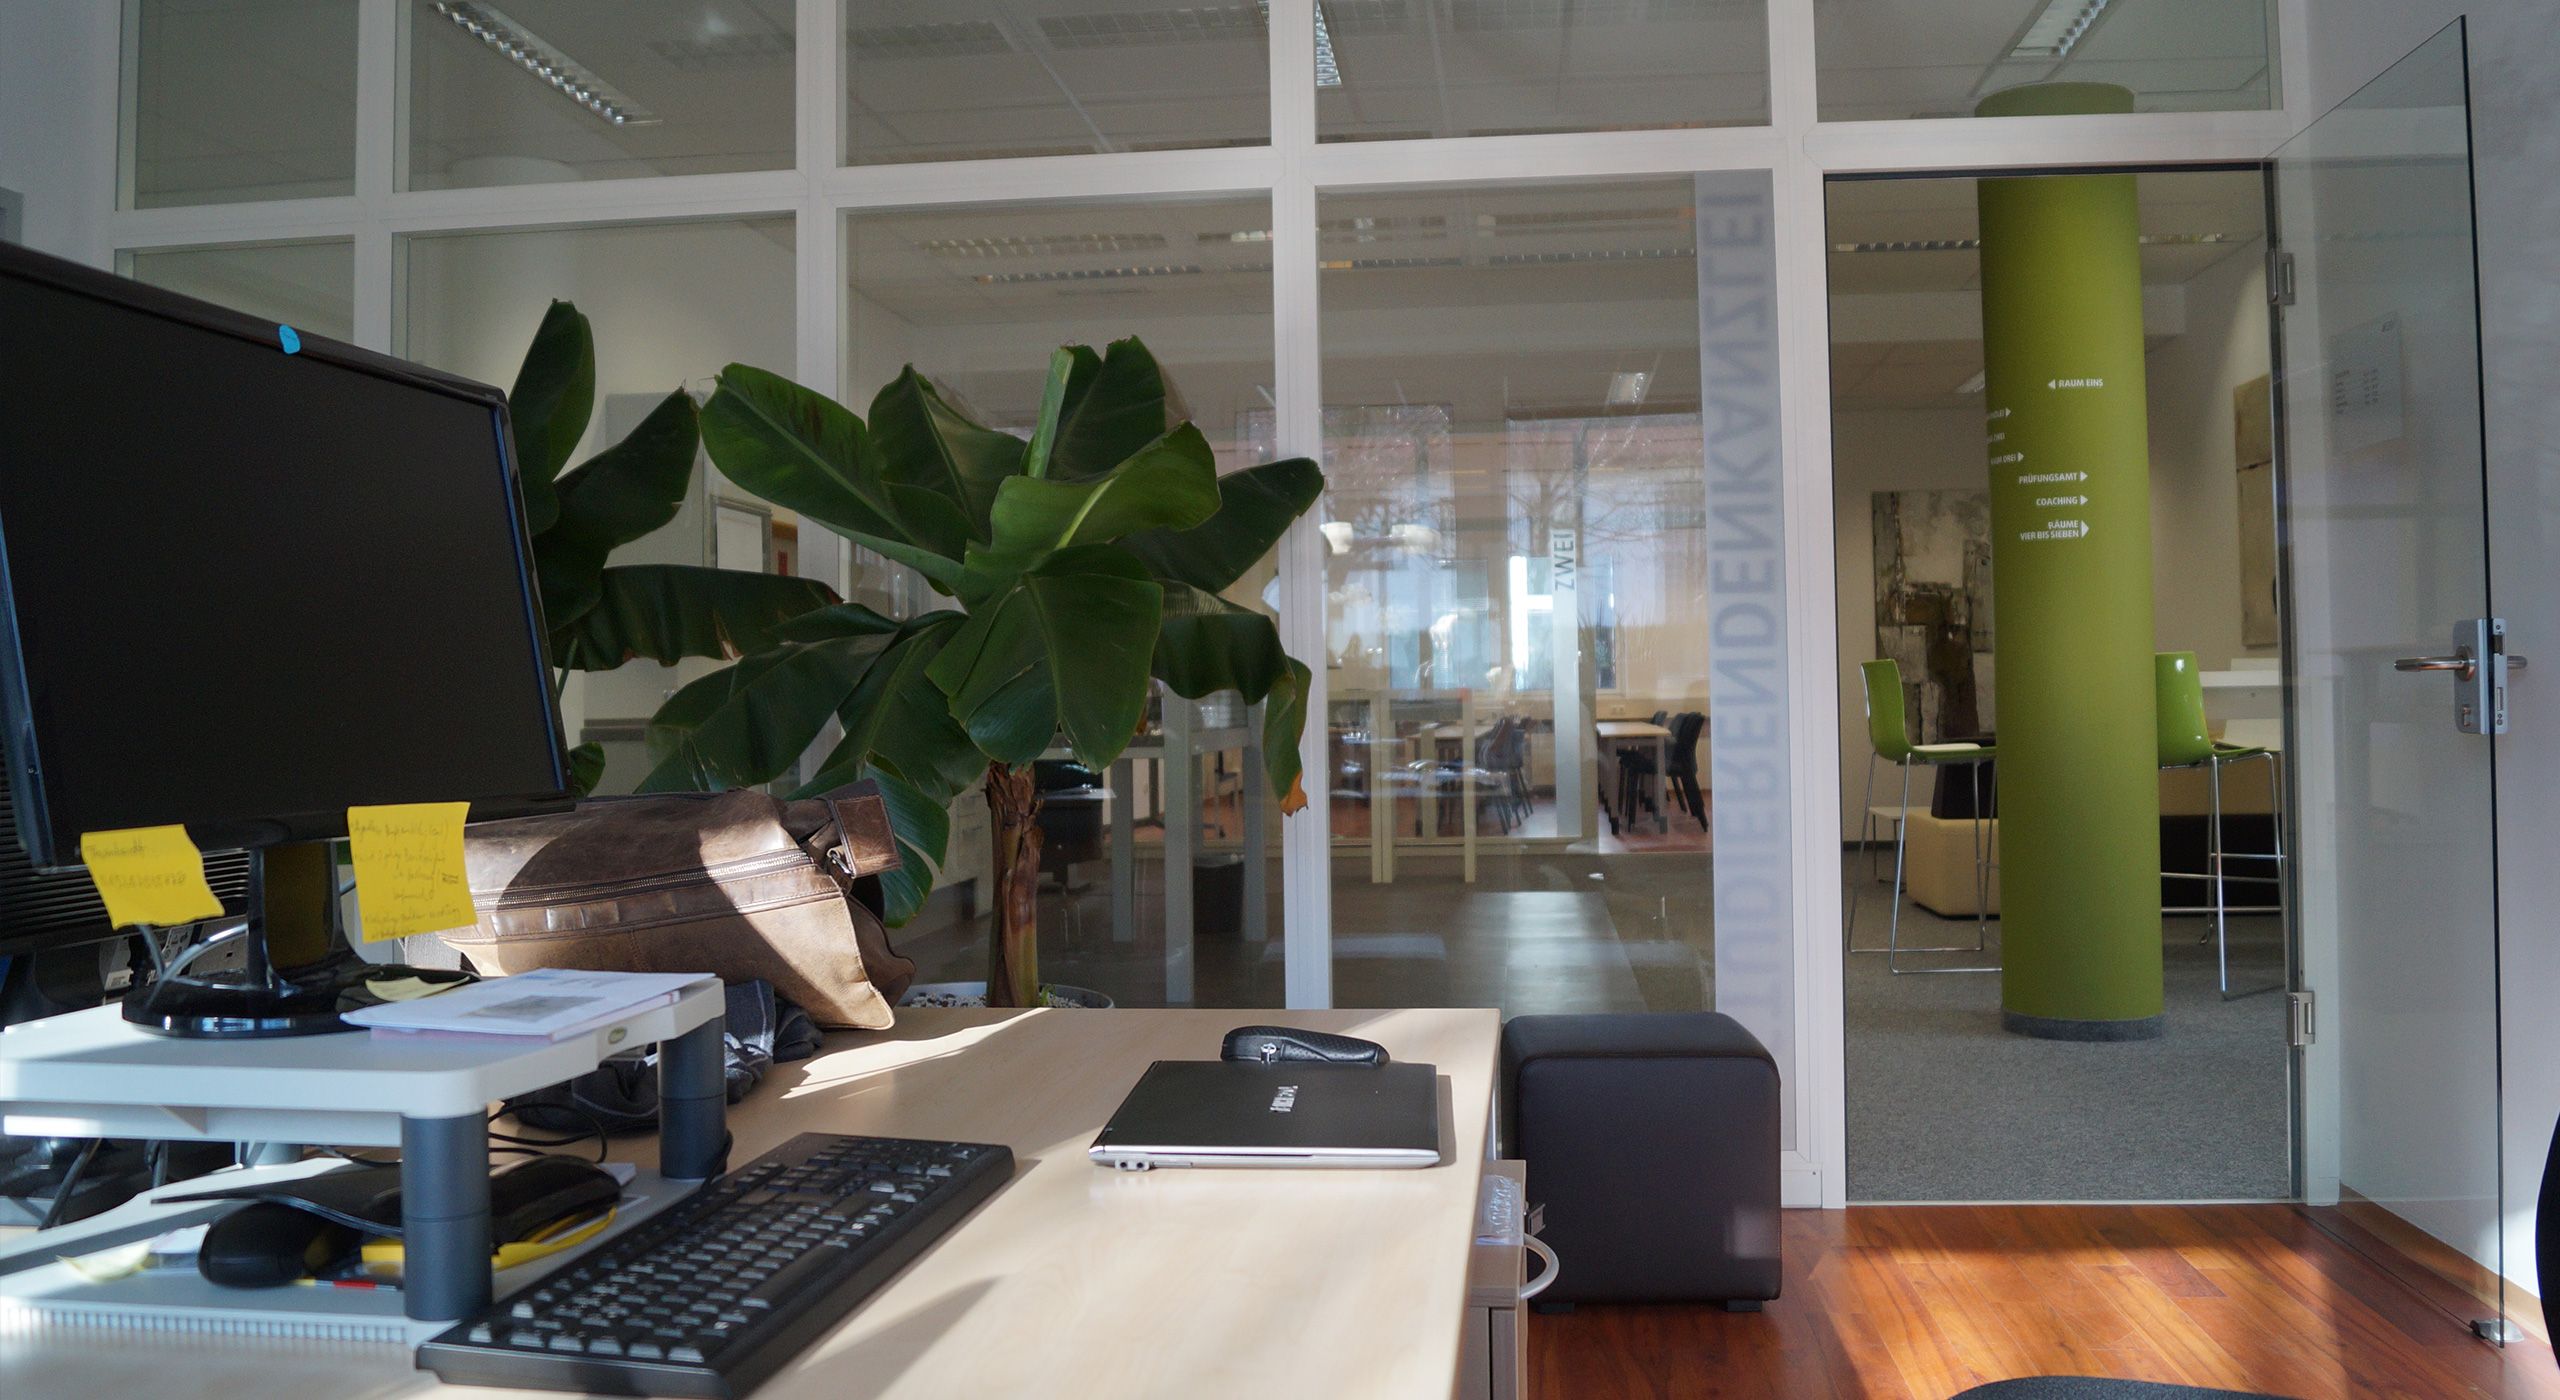 Büro mit PC und grosser Pflanze